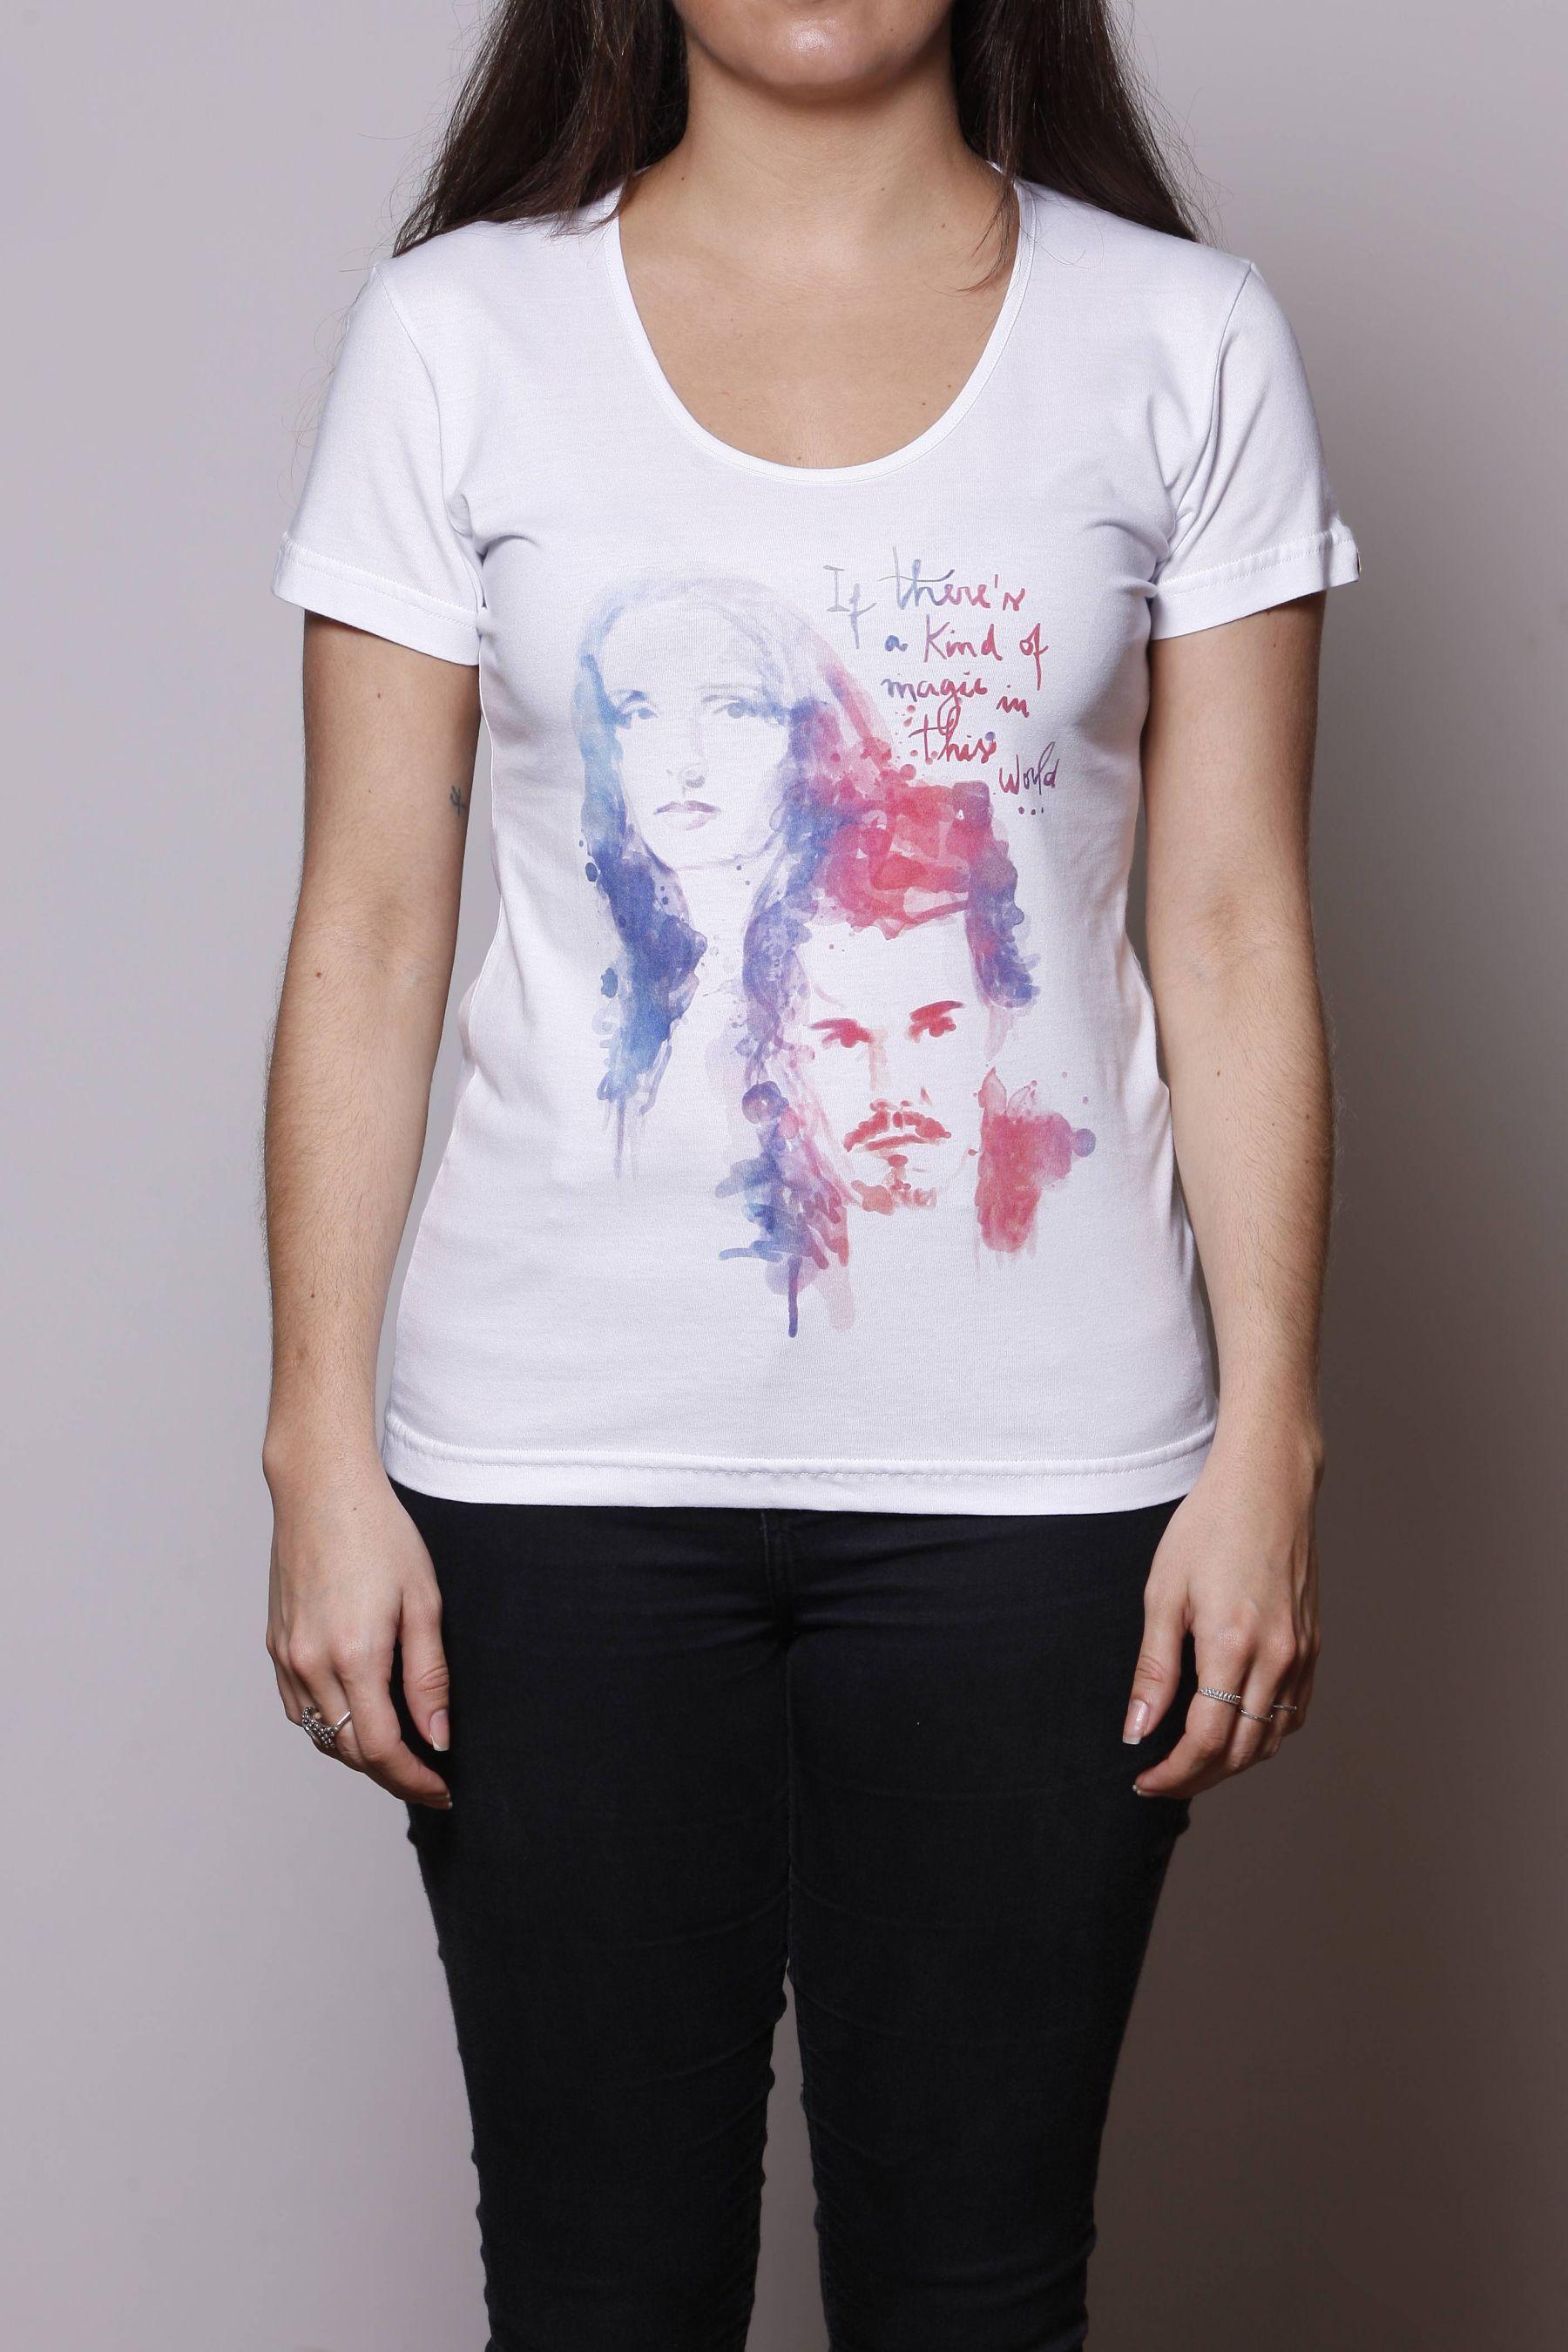 Camiseta Antes Do Amanhecer Antes Do Amanhecer Camiseta Antes